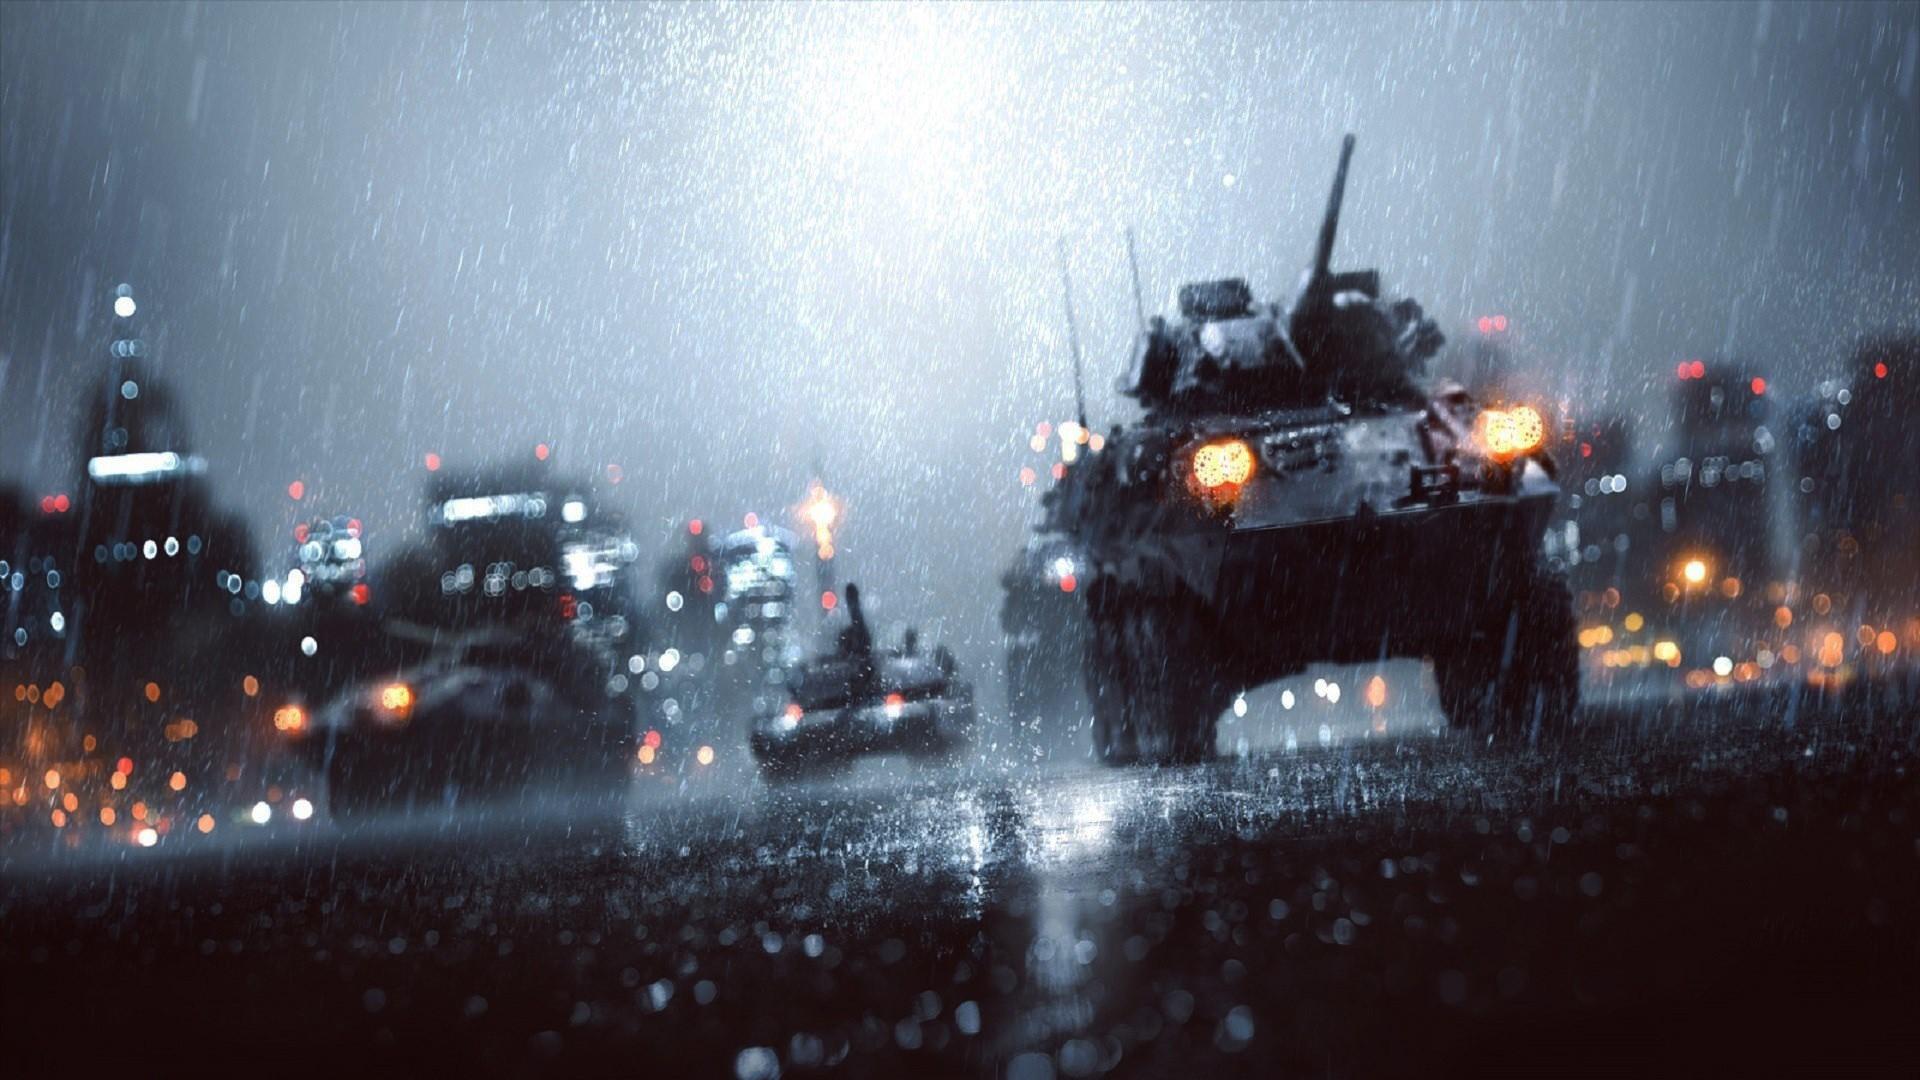 Battlefield 4 wallpaper 7296 1920x1080 px hdwallsource battlefield 4 wallpaper 7296 voltagebd Images